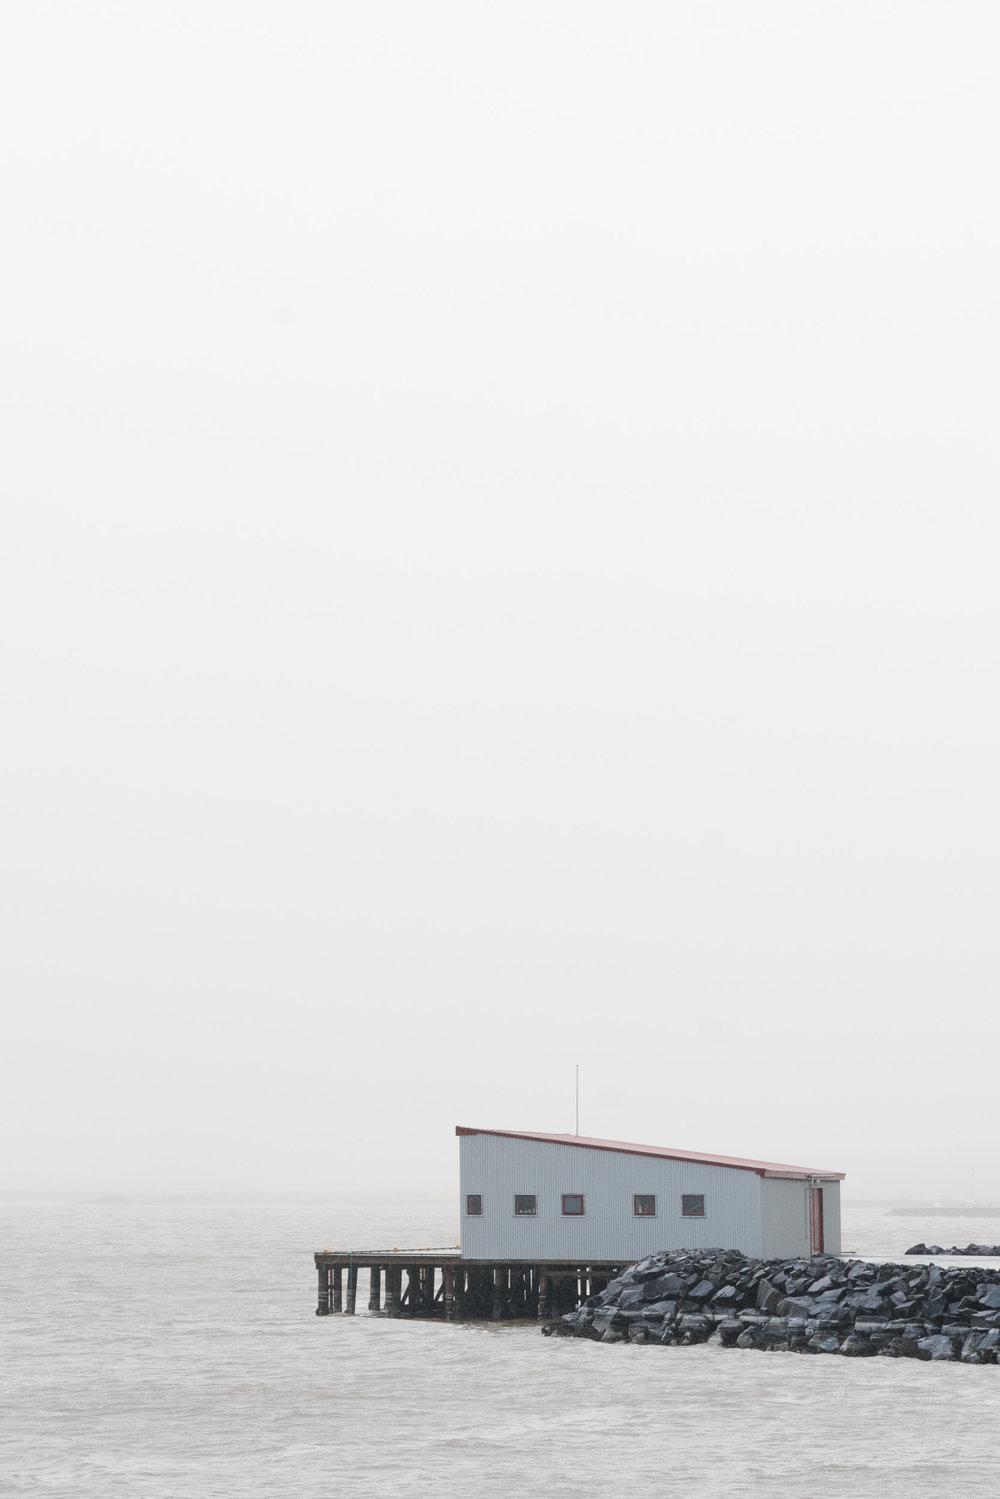 iceland_fosshotel_eastfjords-2.jpg